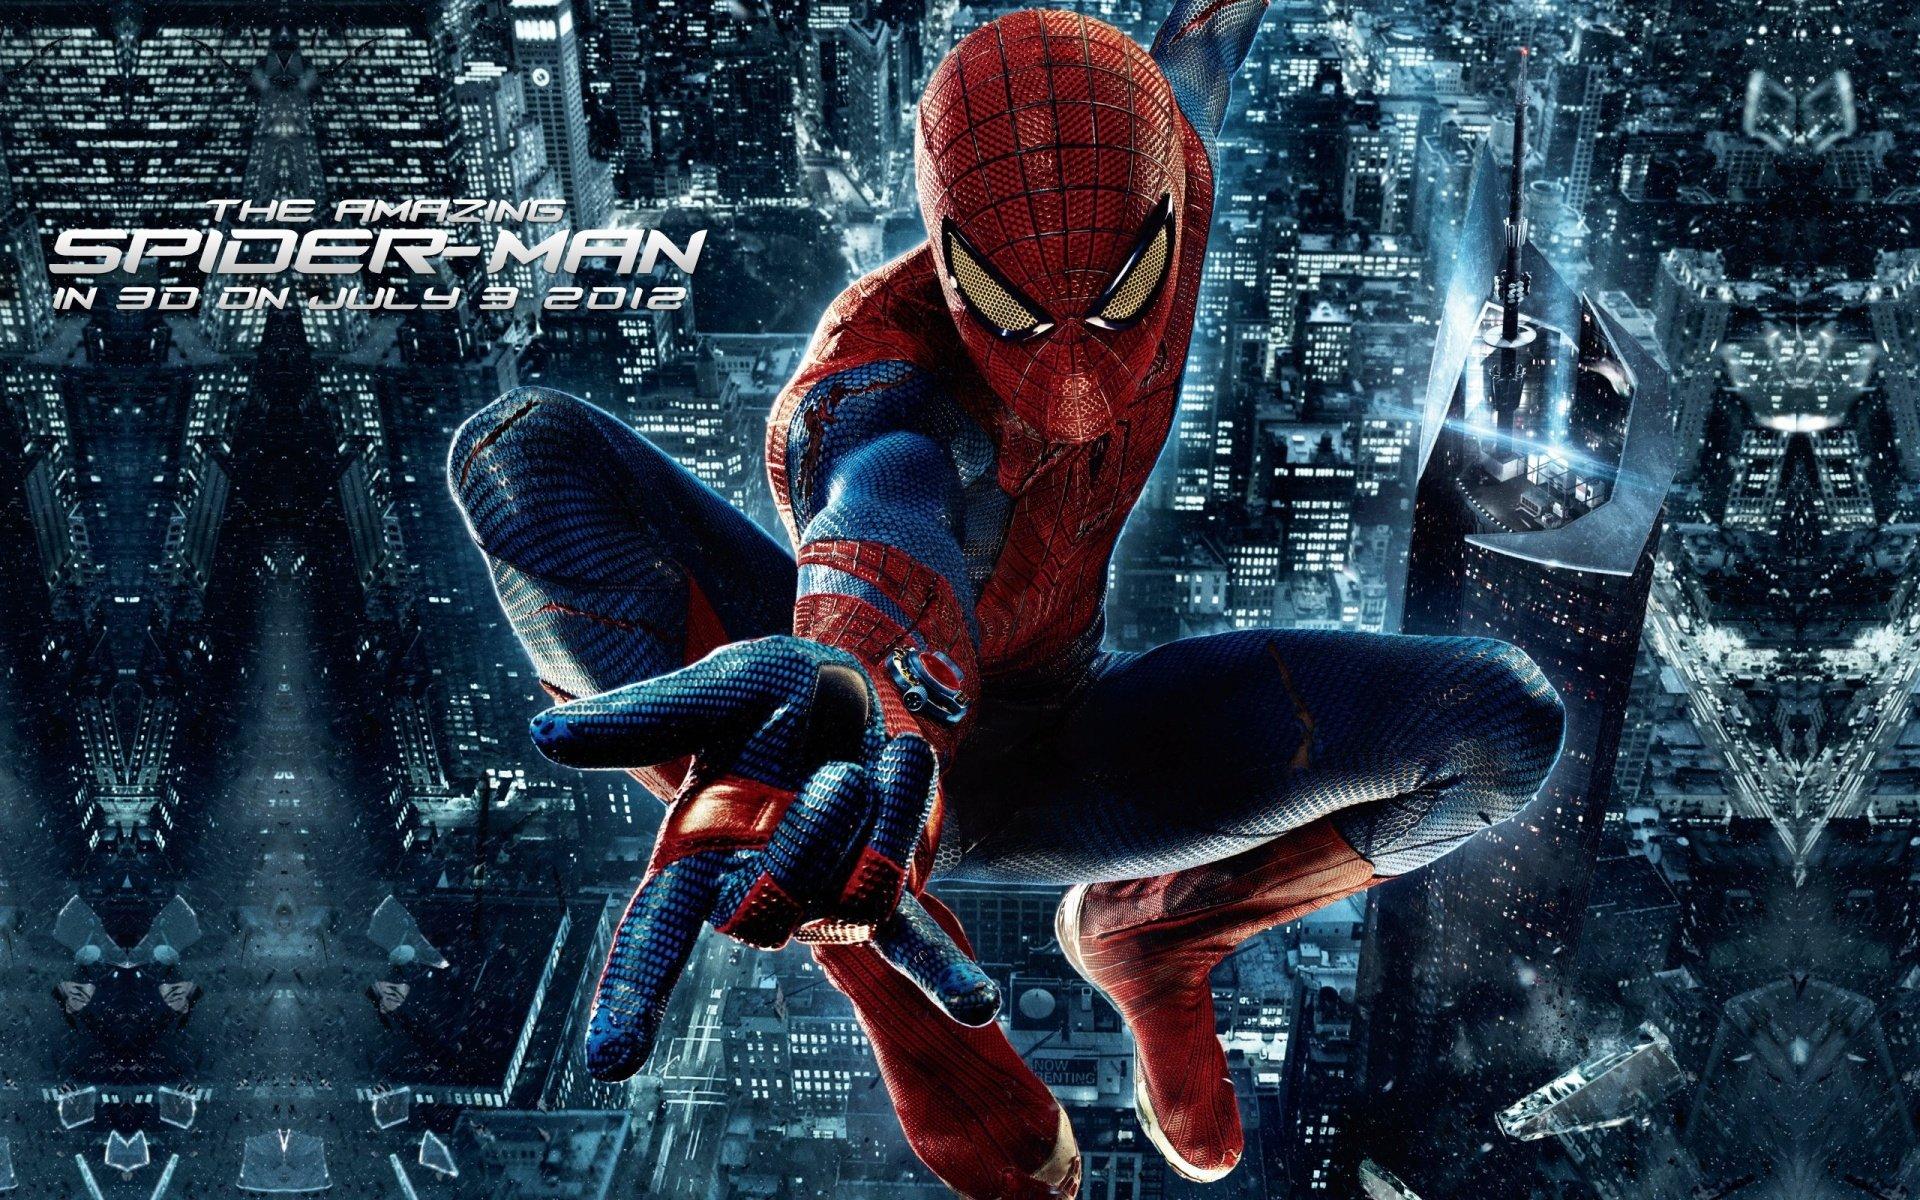 Hd wallpaper spiderman - Hd Wallpaper Background Id 280470